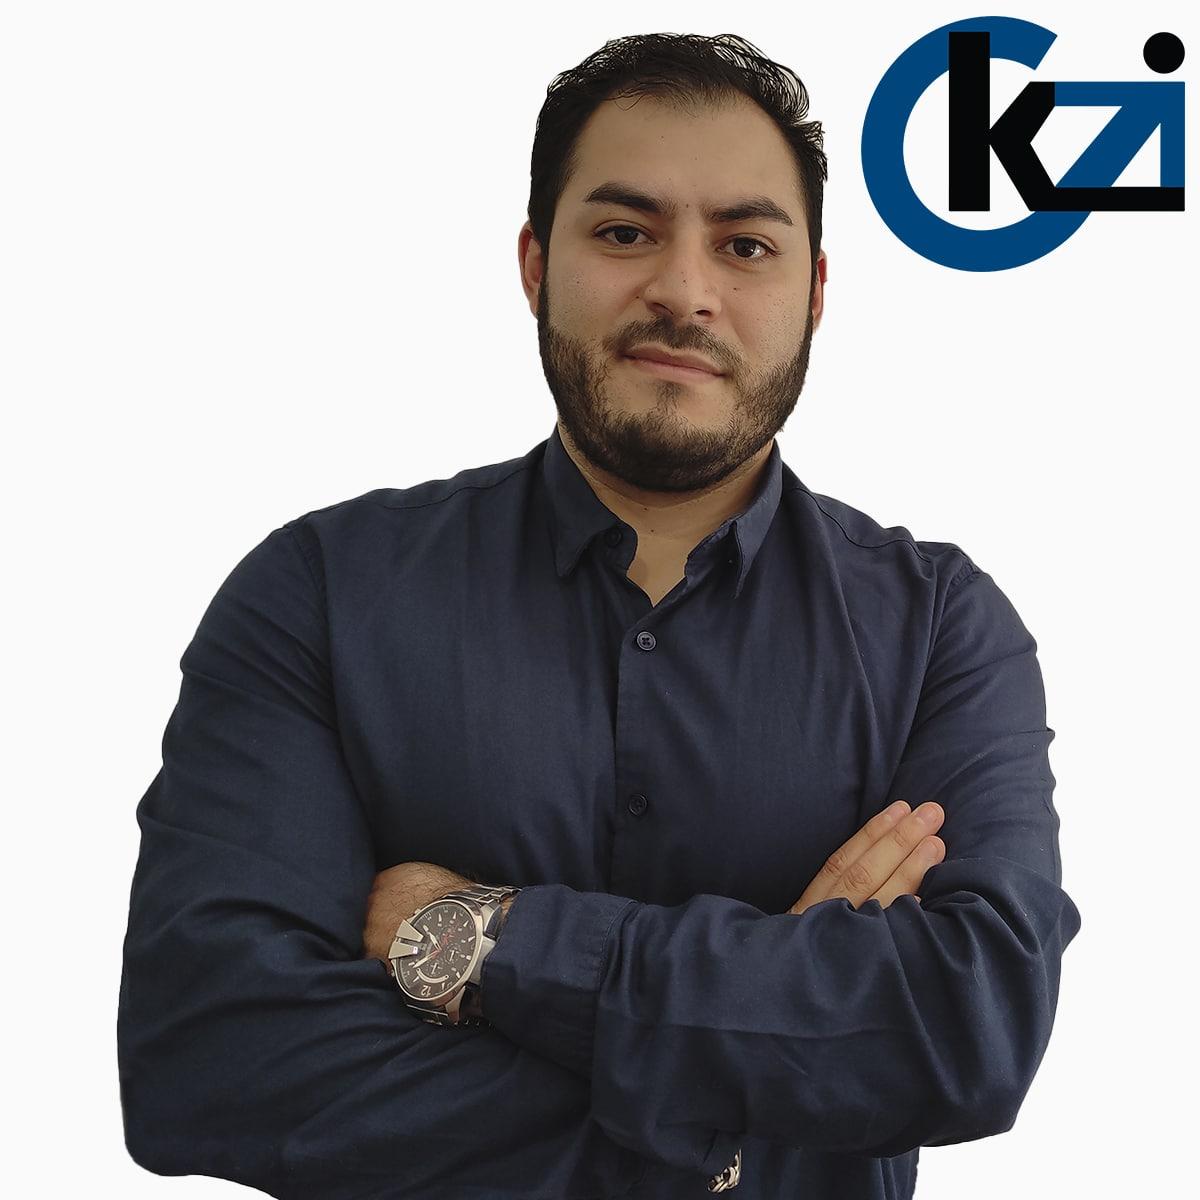 Eduardo Sánchez López